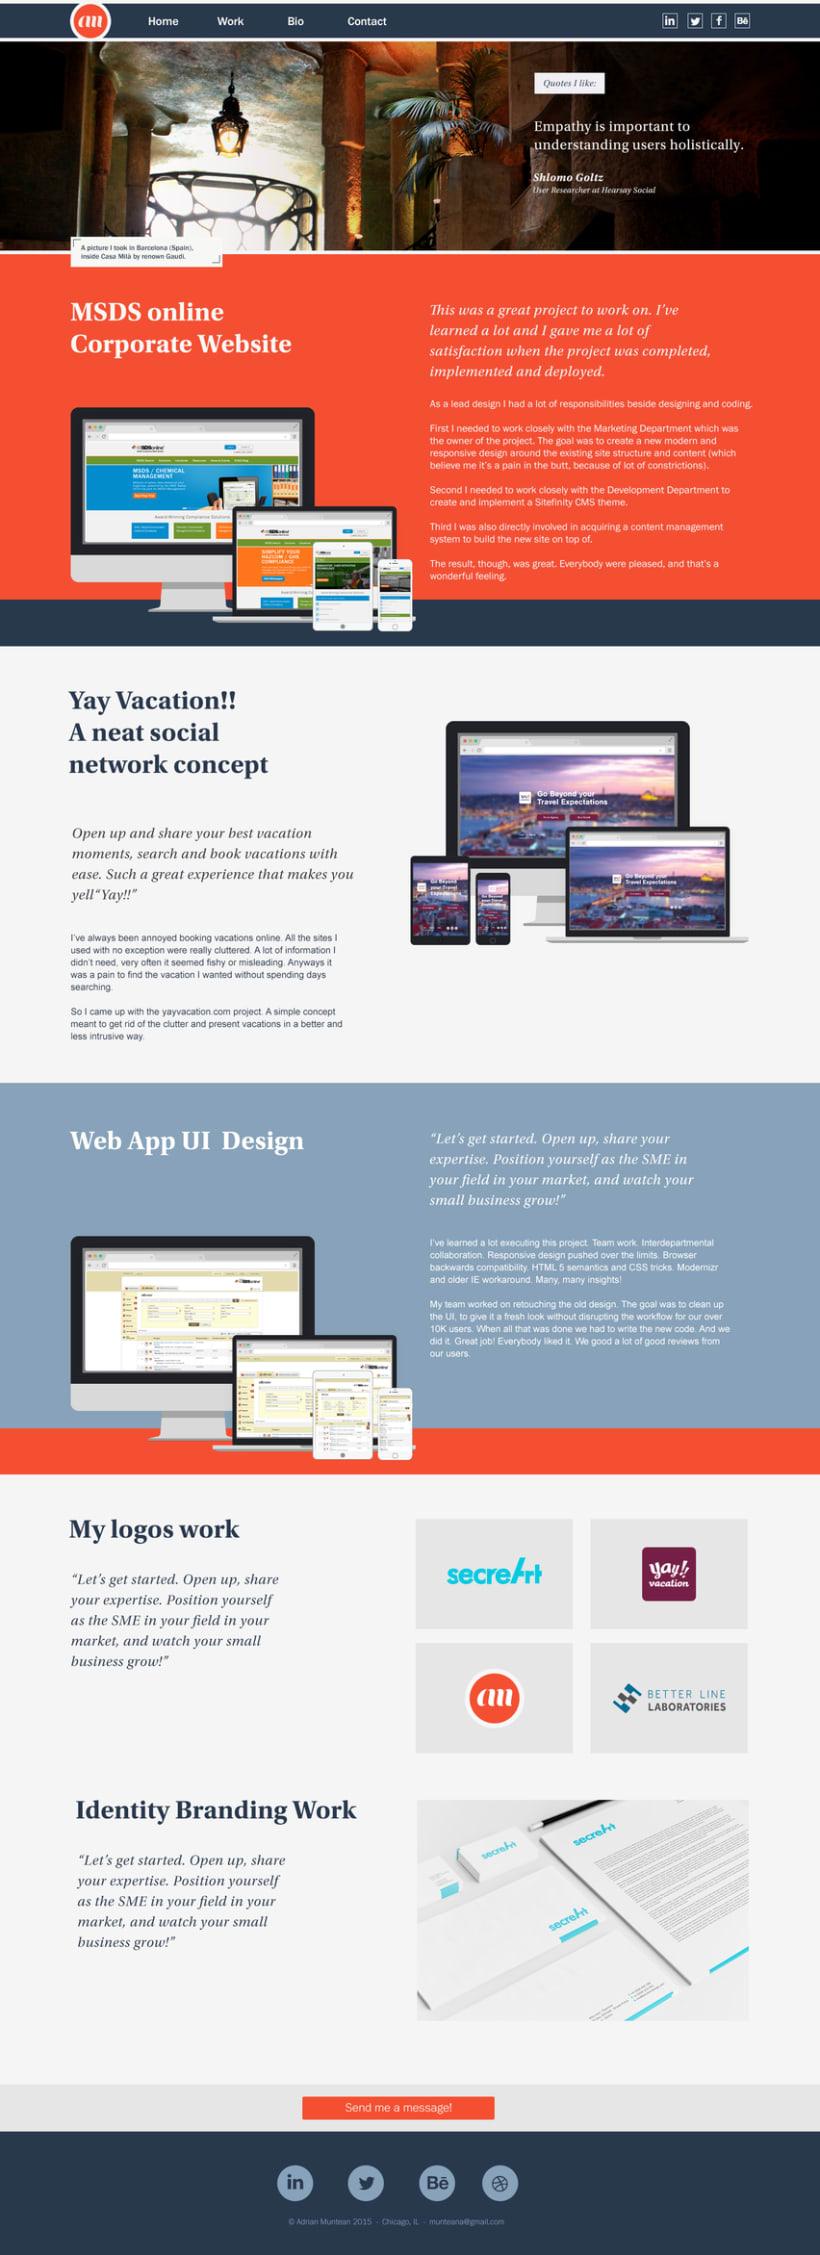 adrianmuntean.com (self branding redesign) 0